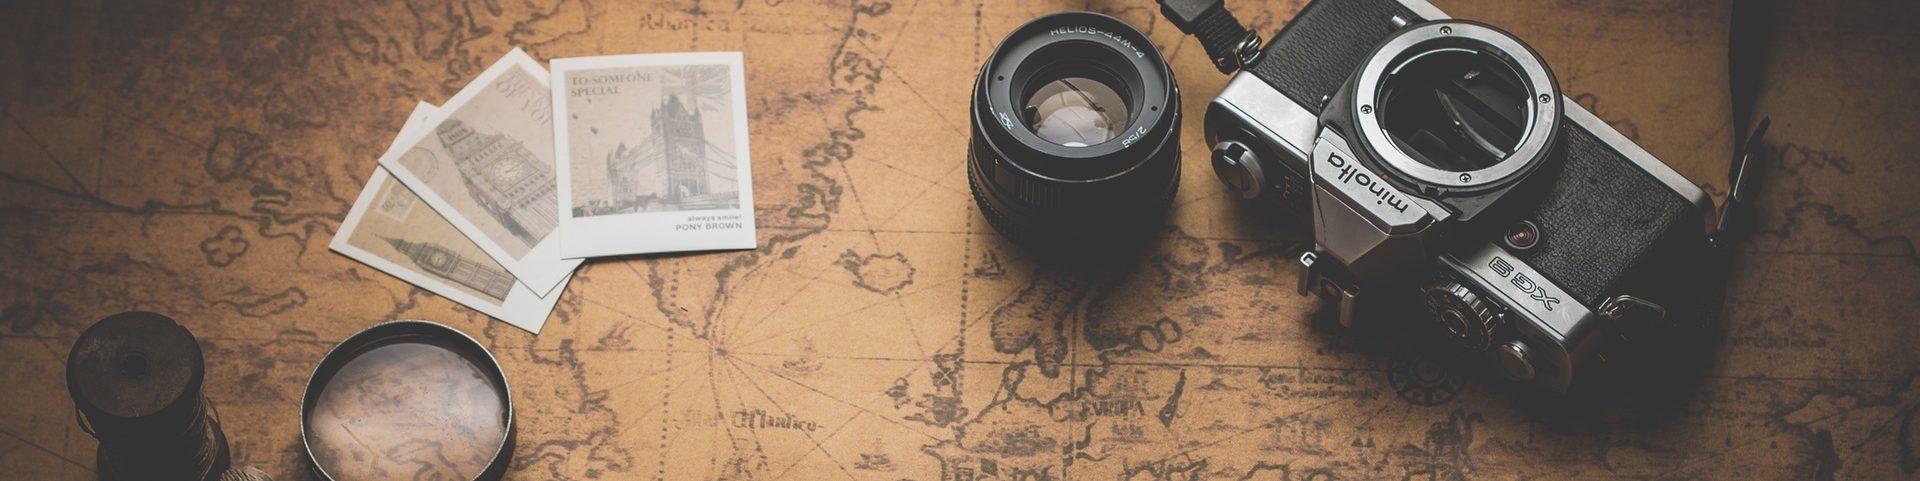 Blog jednog svetskog putnika